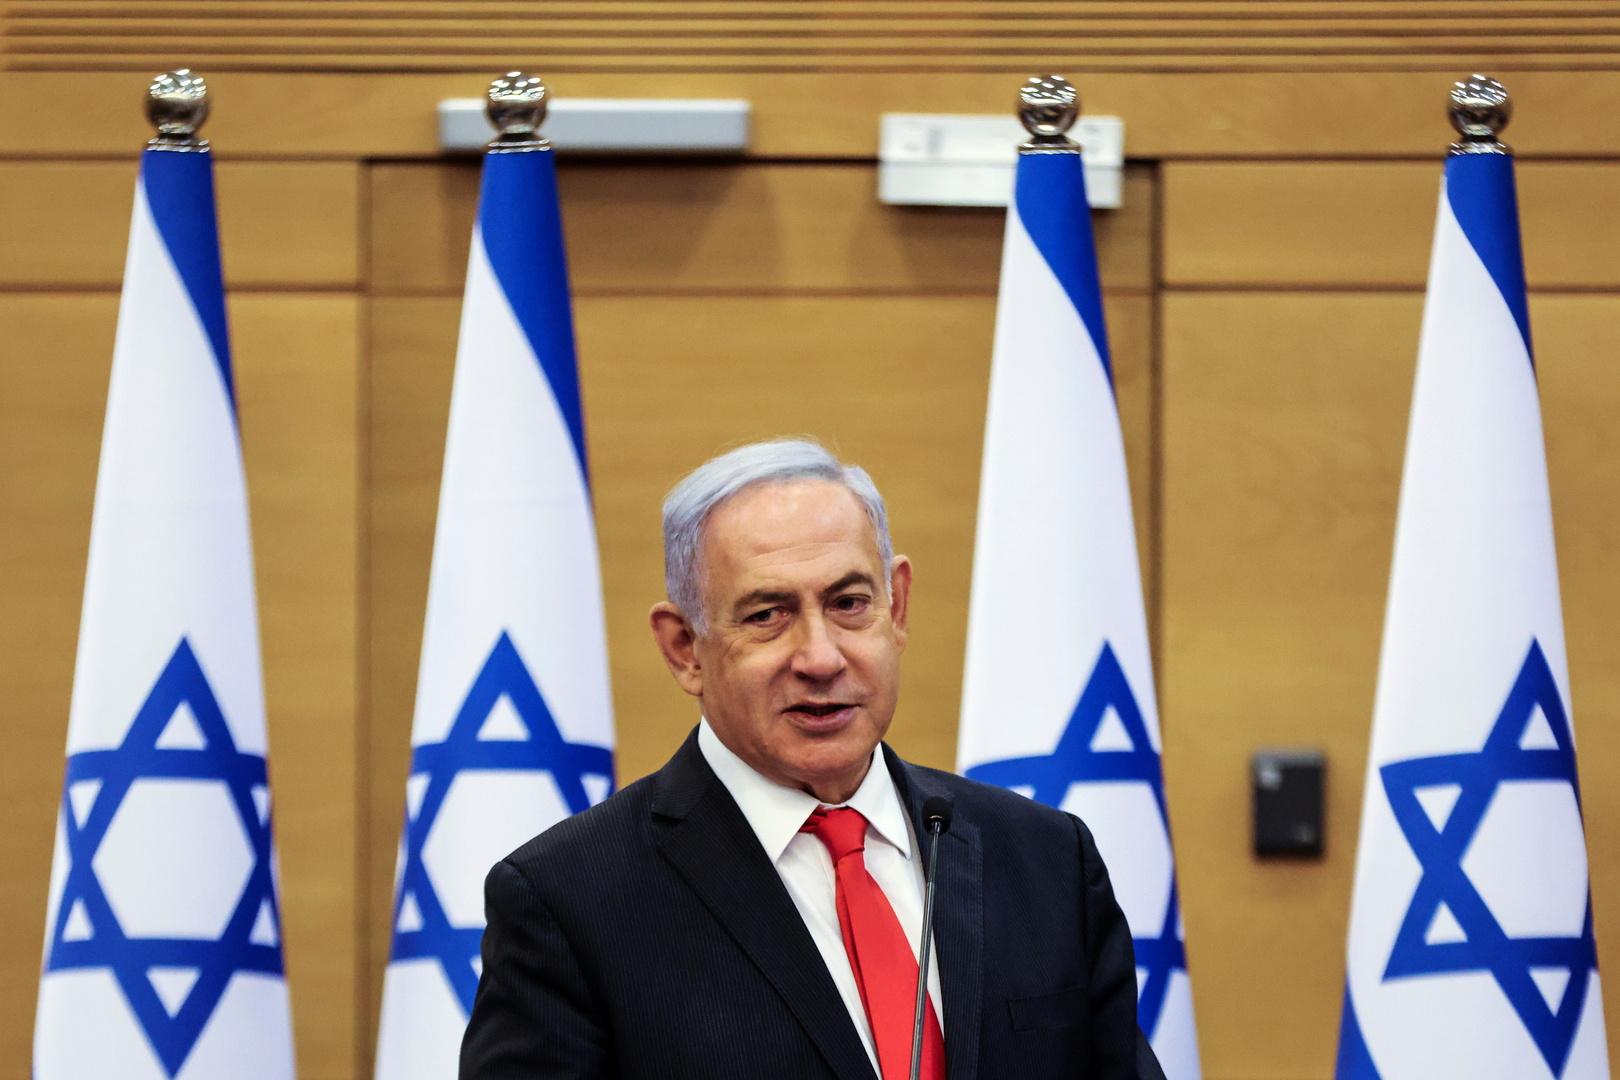 رئيس المعارضة الإسرائيلية بنيامين نتنياهو